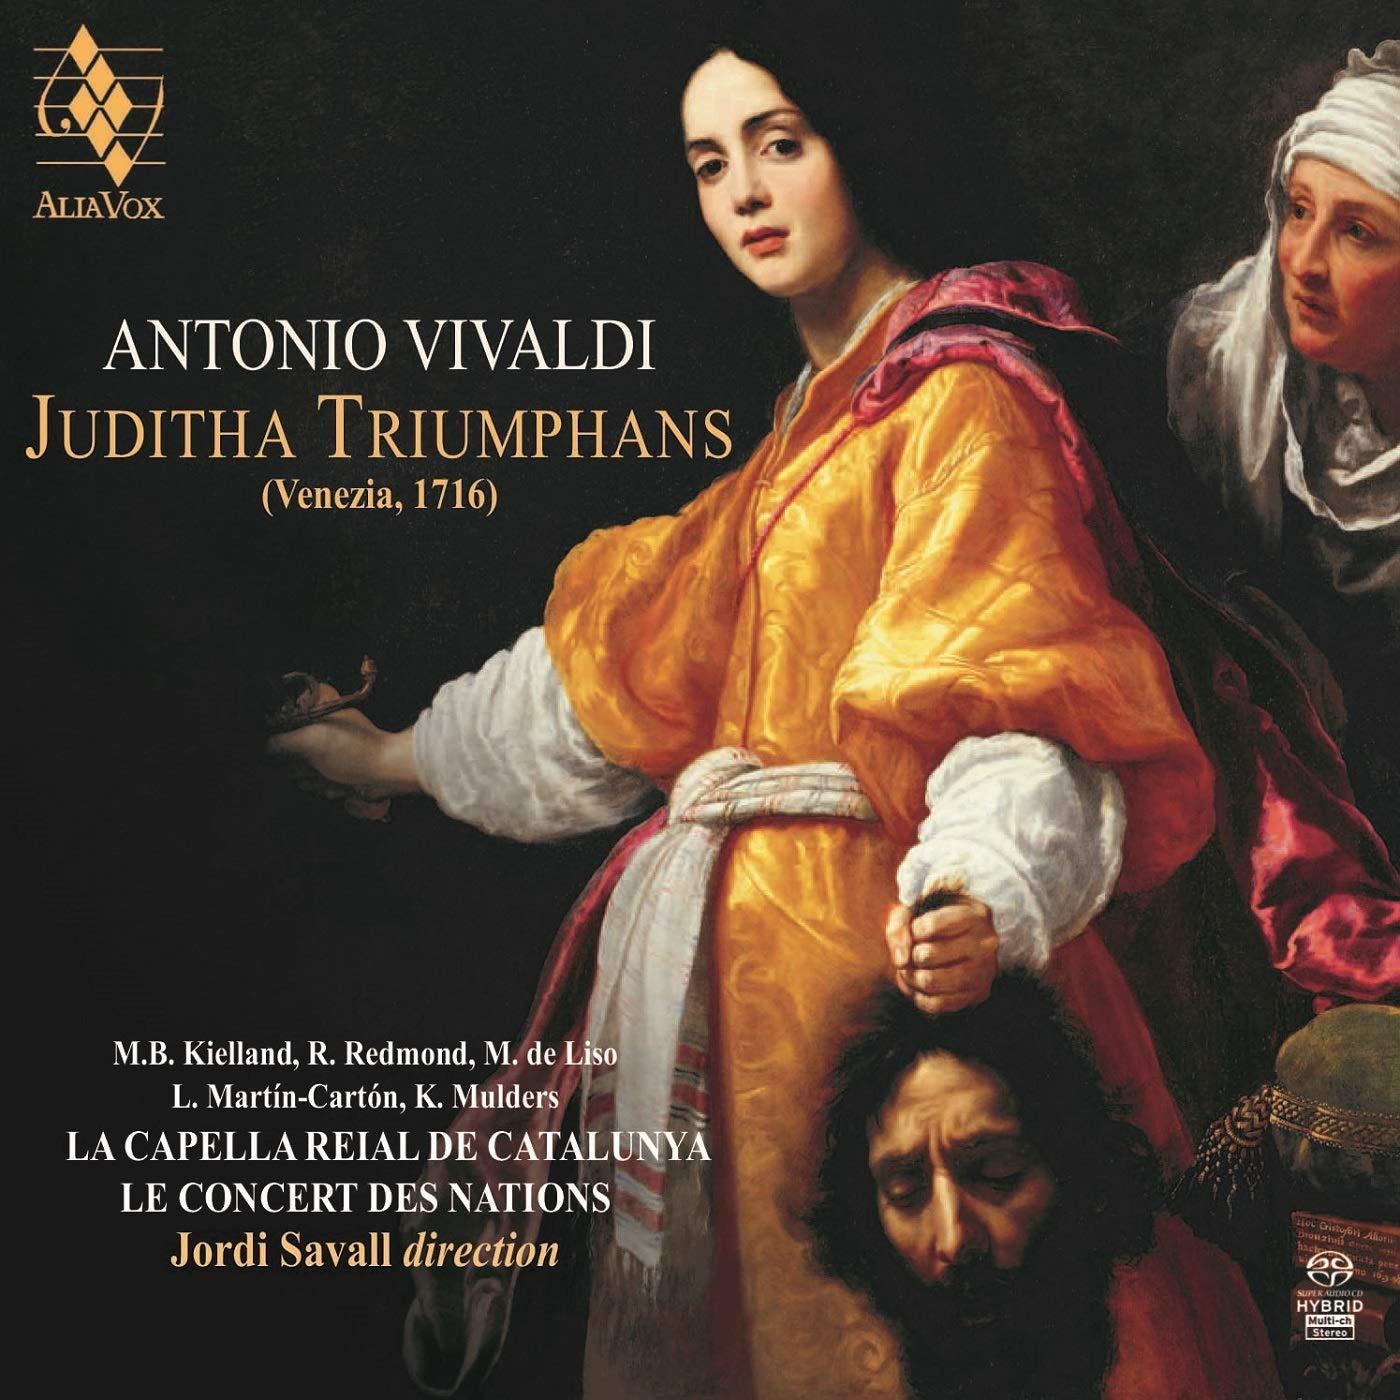 Juditha Triumphans Rv 644, Concerto Rv 562, Concerto Rv 230